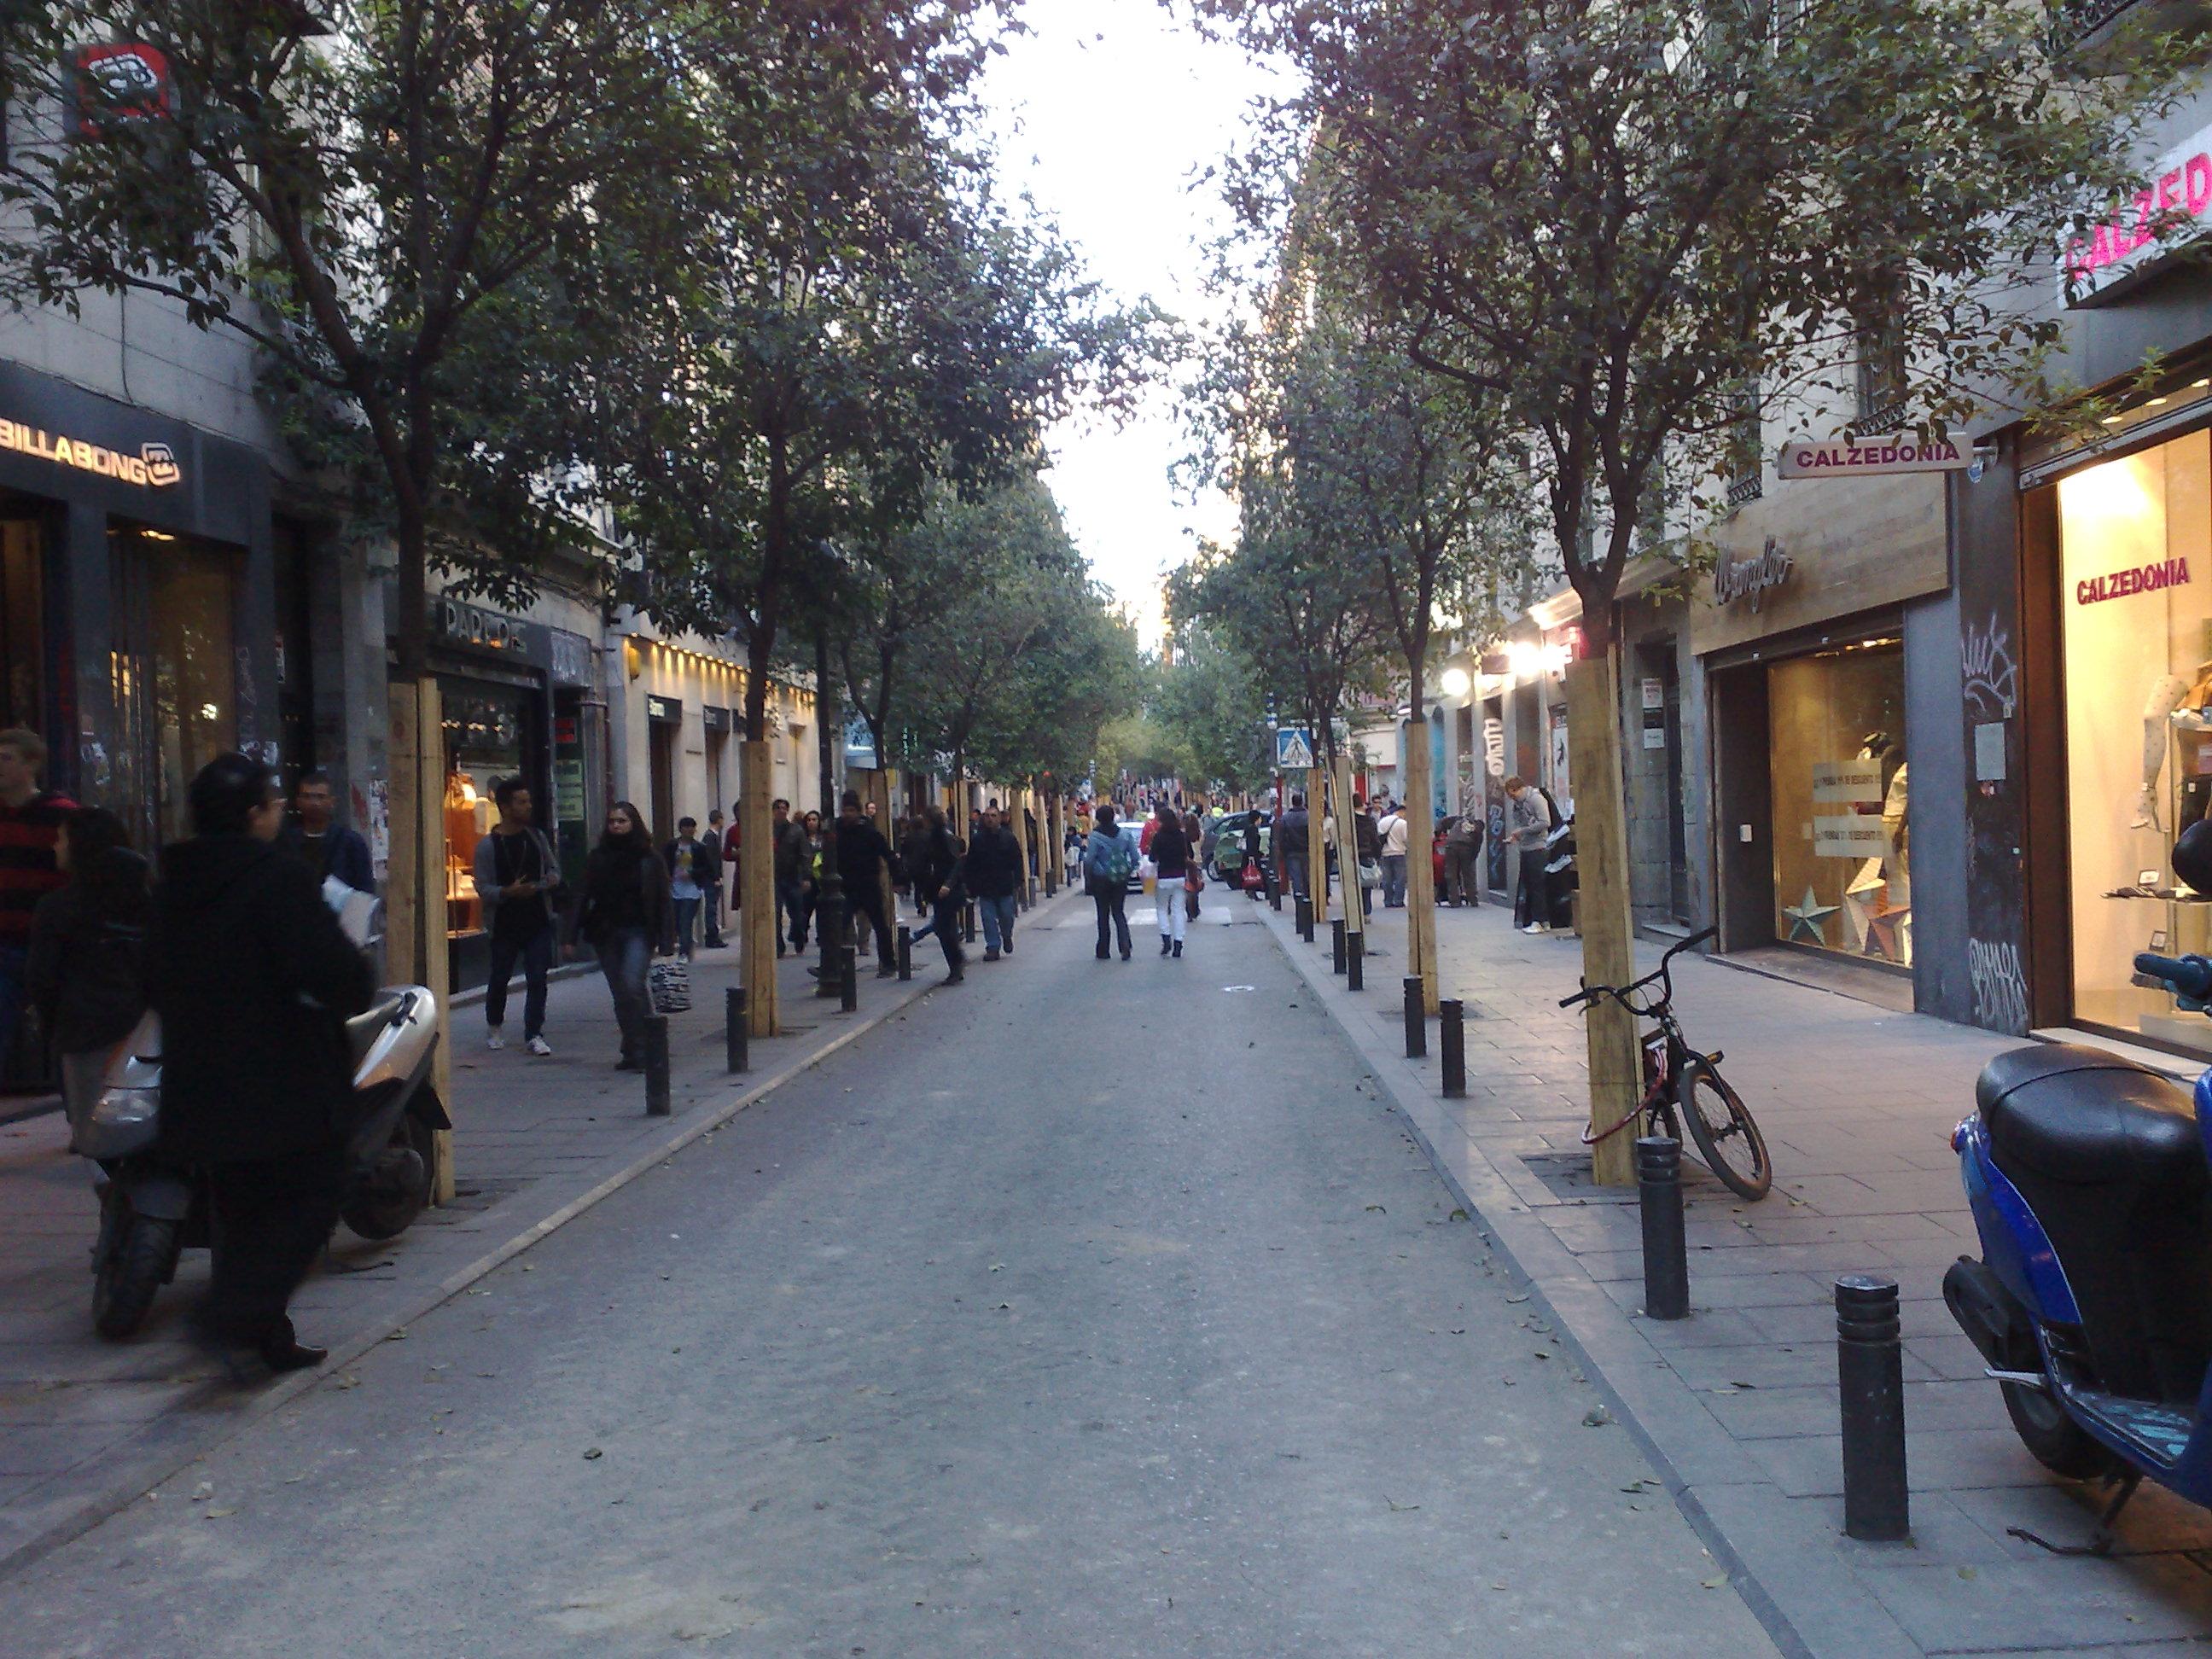 Barrios de Madrid: Chueca. Parte 2, comprar y salir « Felix Maocho